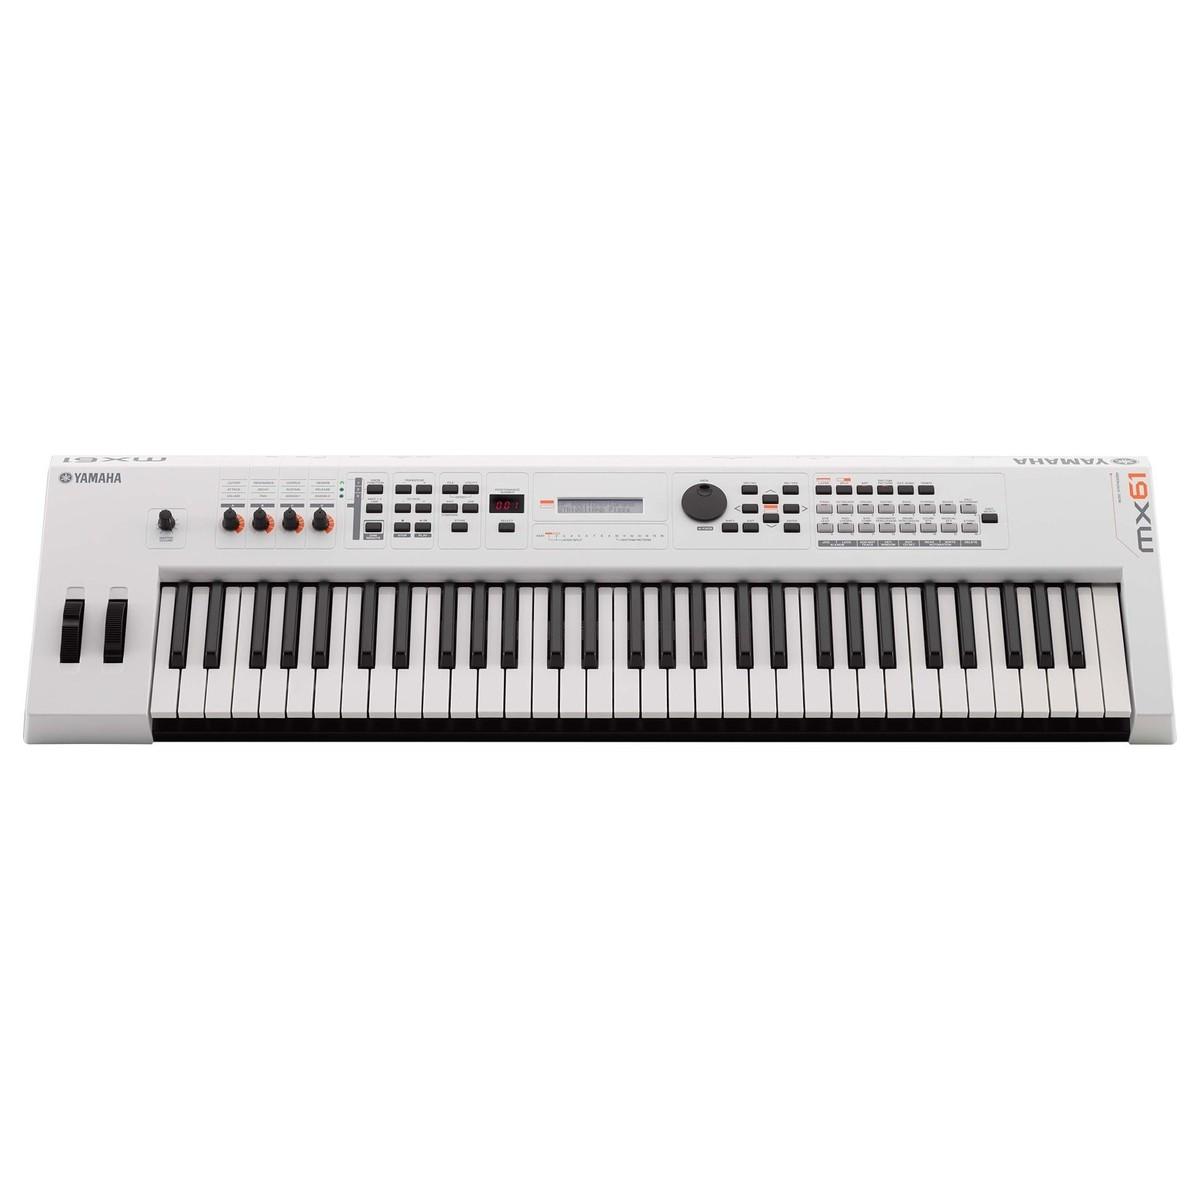 Yamaha mx61 ii music production synthesizer white b for Yamaha keyboard synthesizer